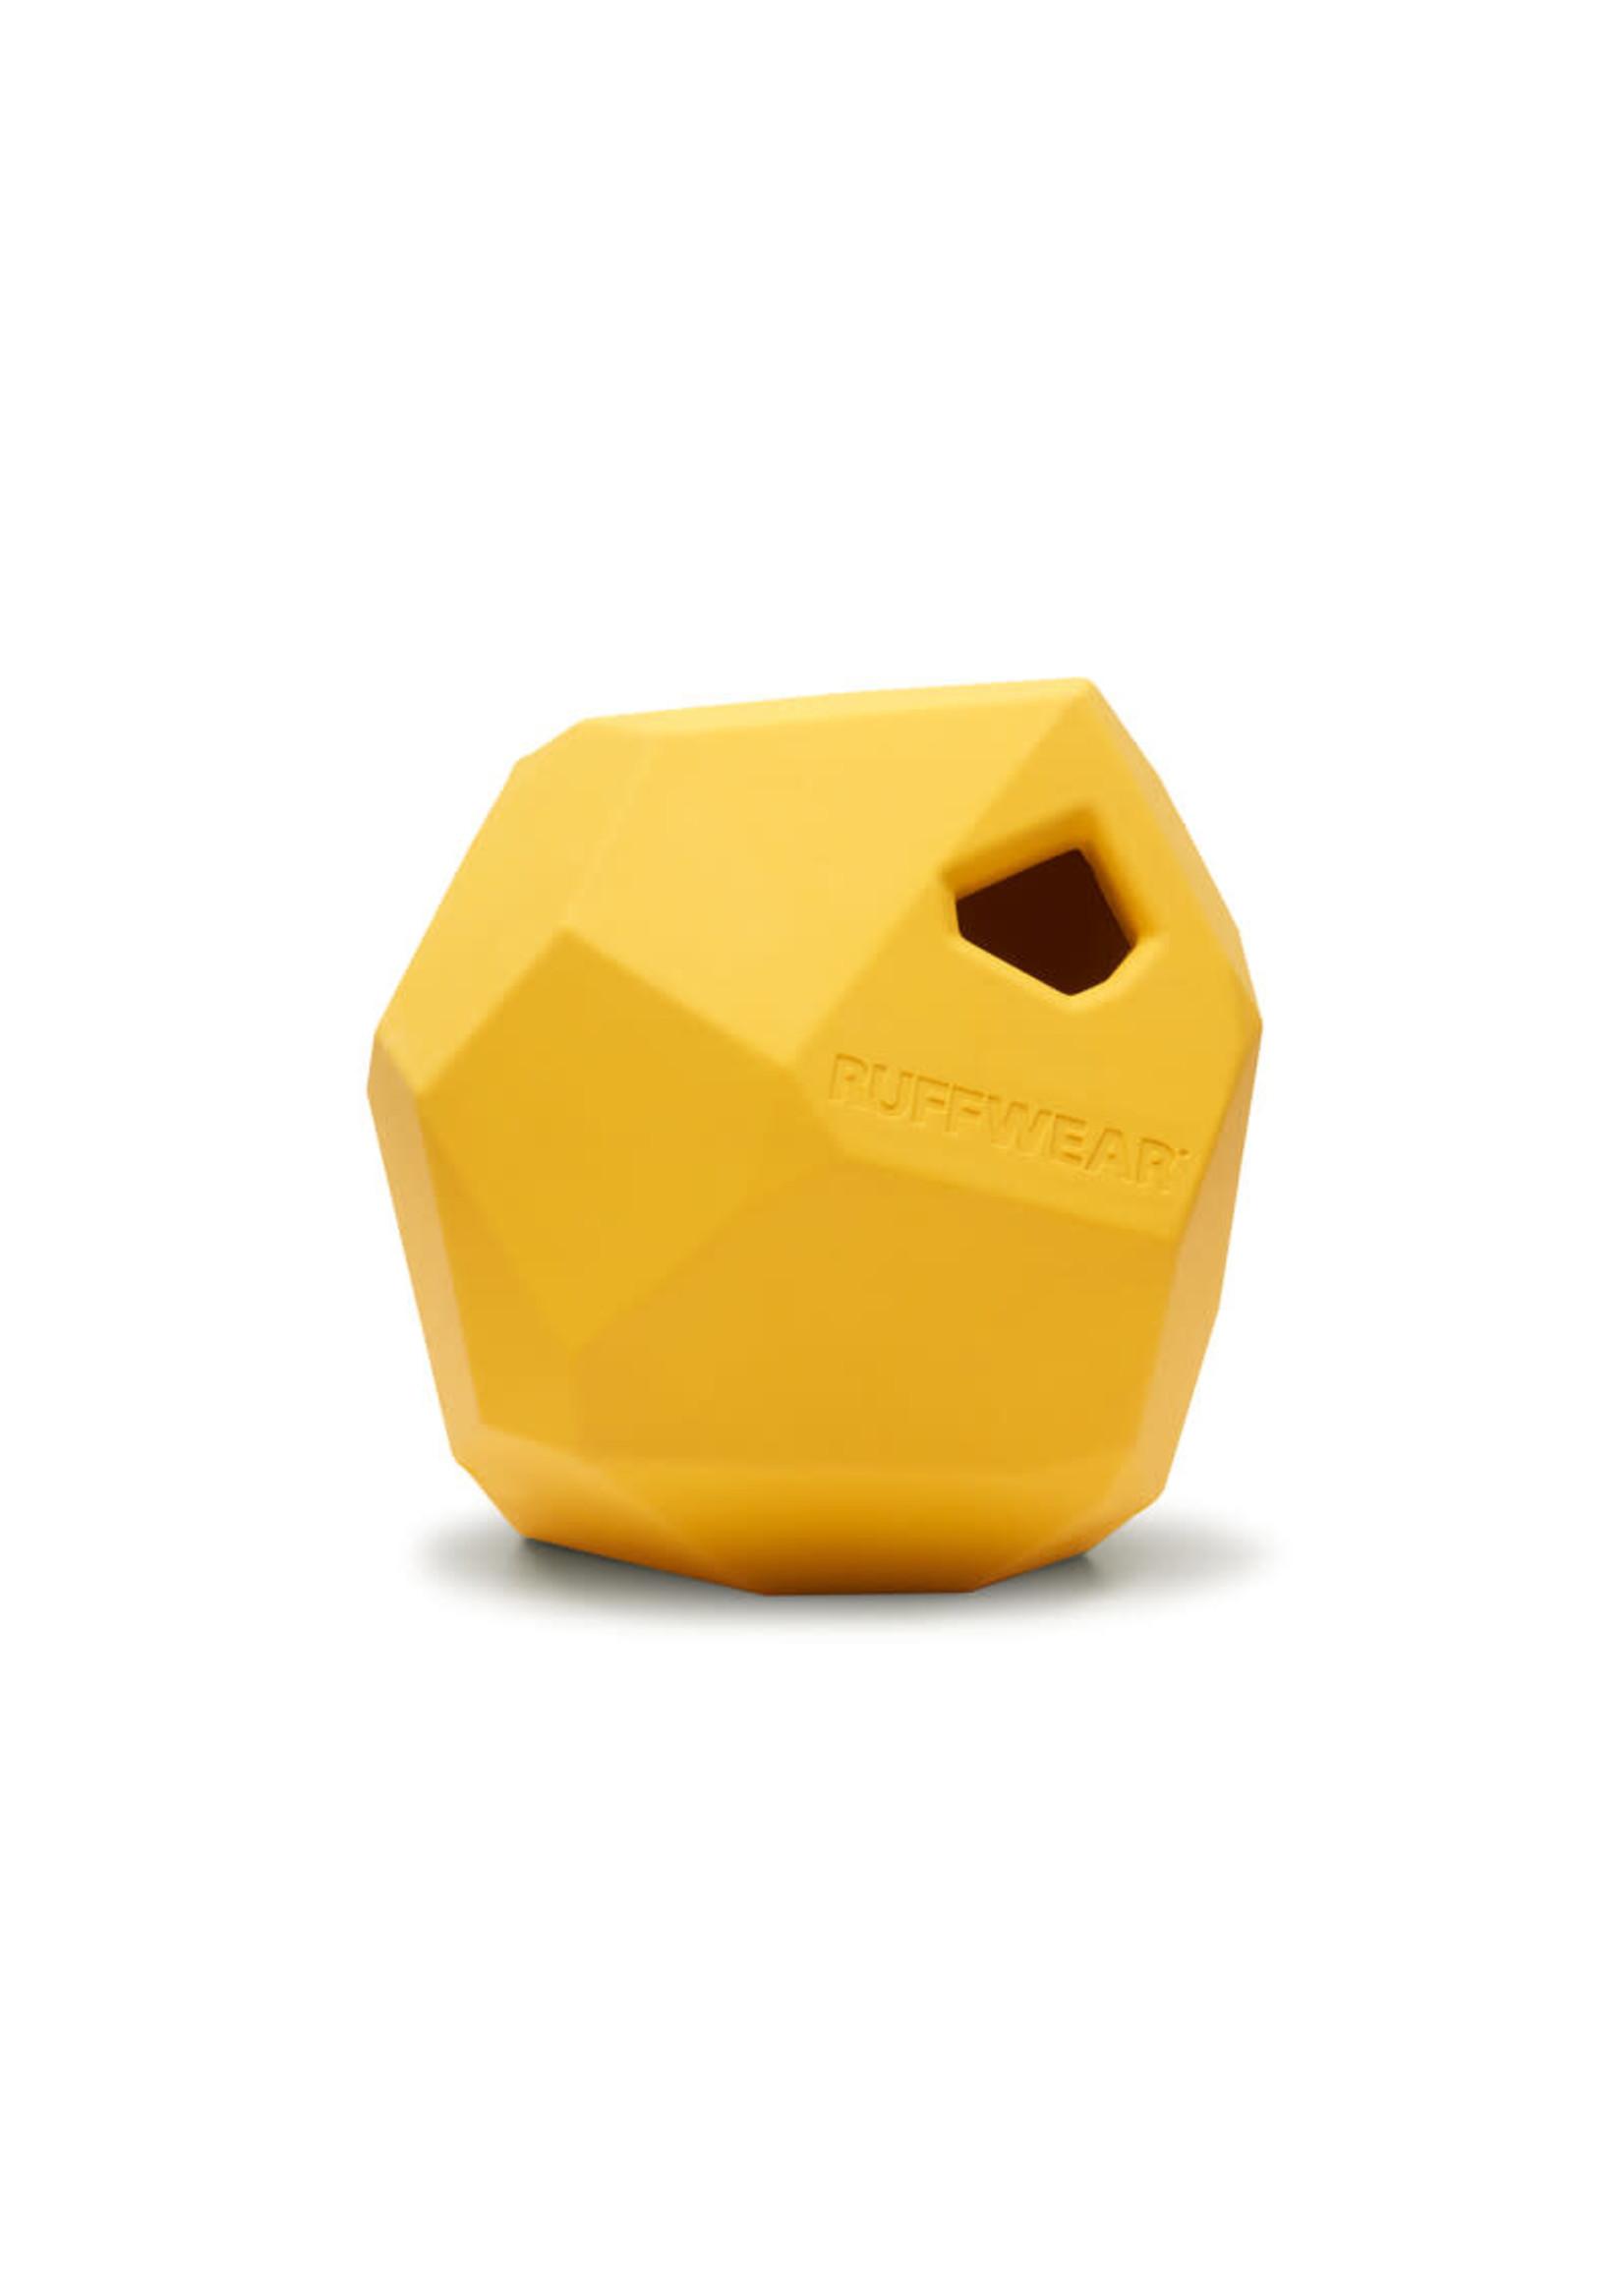 Ruffwear RW Gnawt A Rock Yellow